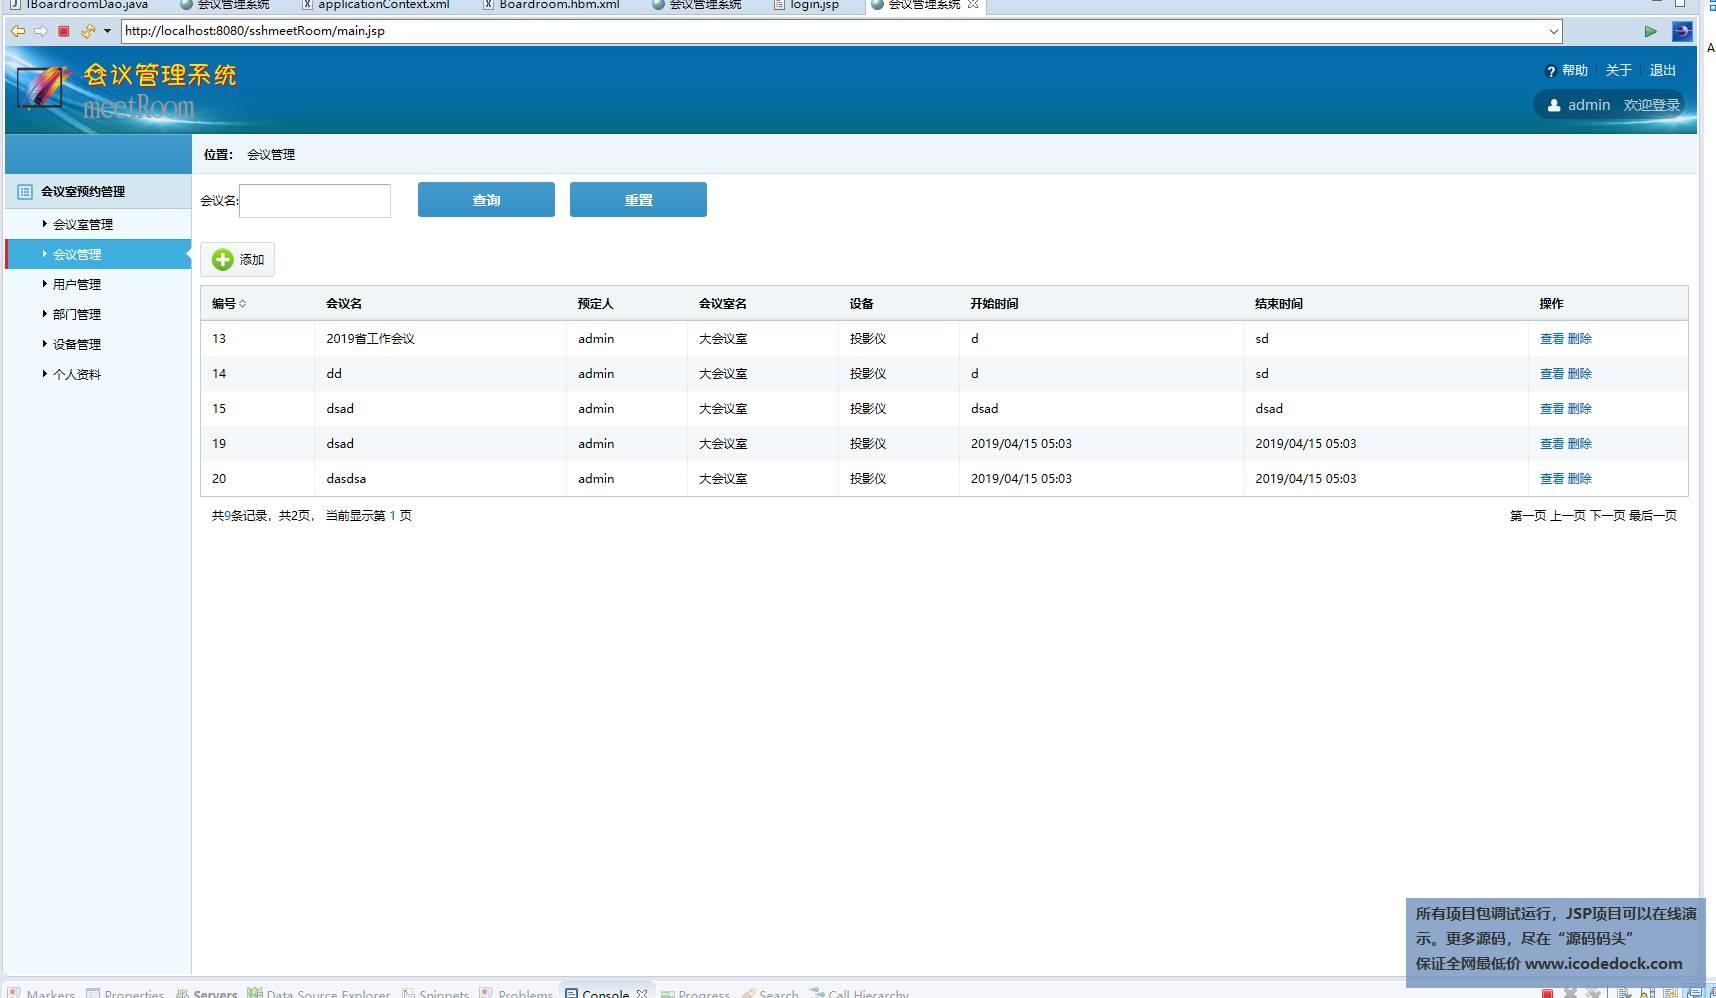 源码码头-SSH会议室管理系统-管理员角色-会议管理